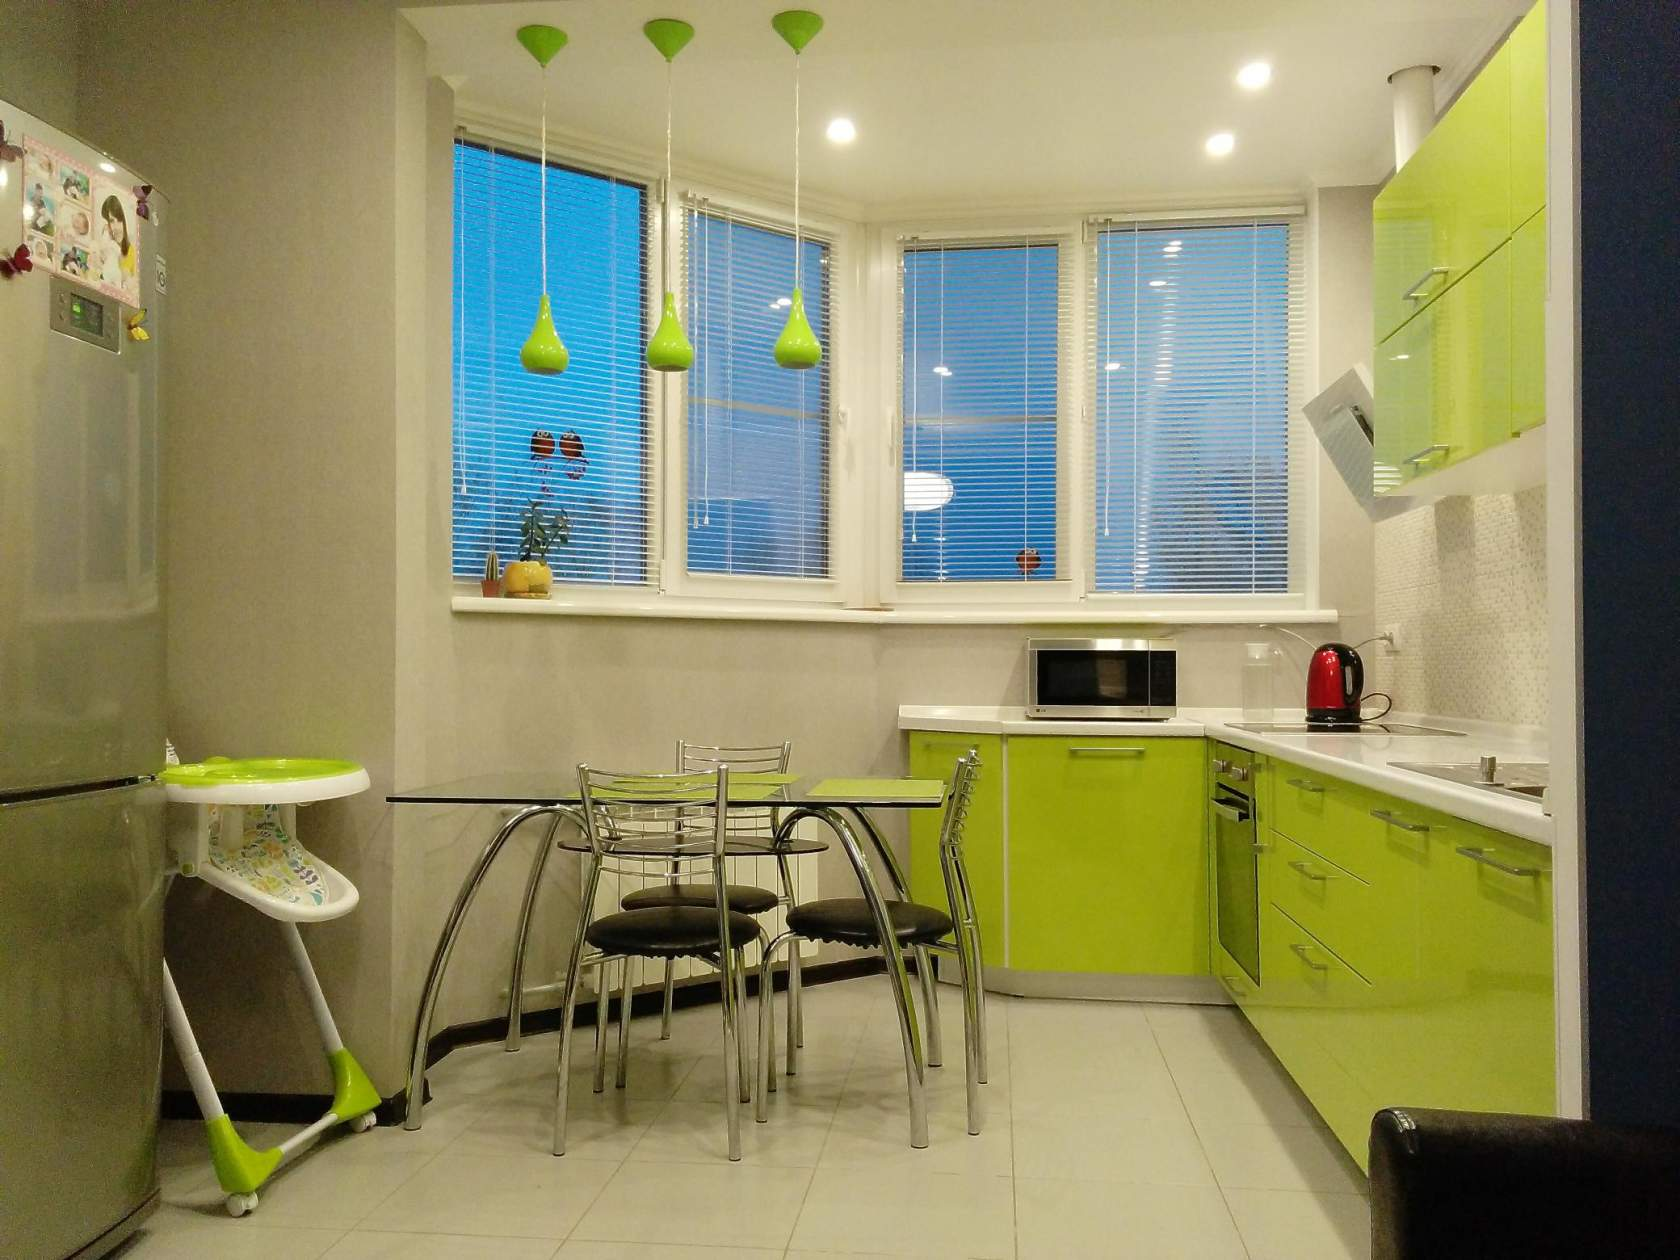 объединения балкона с кухней